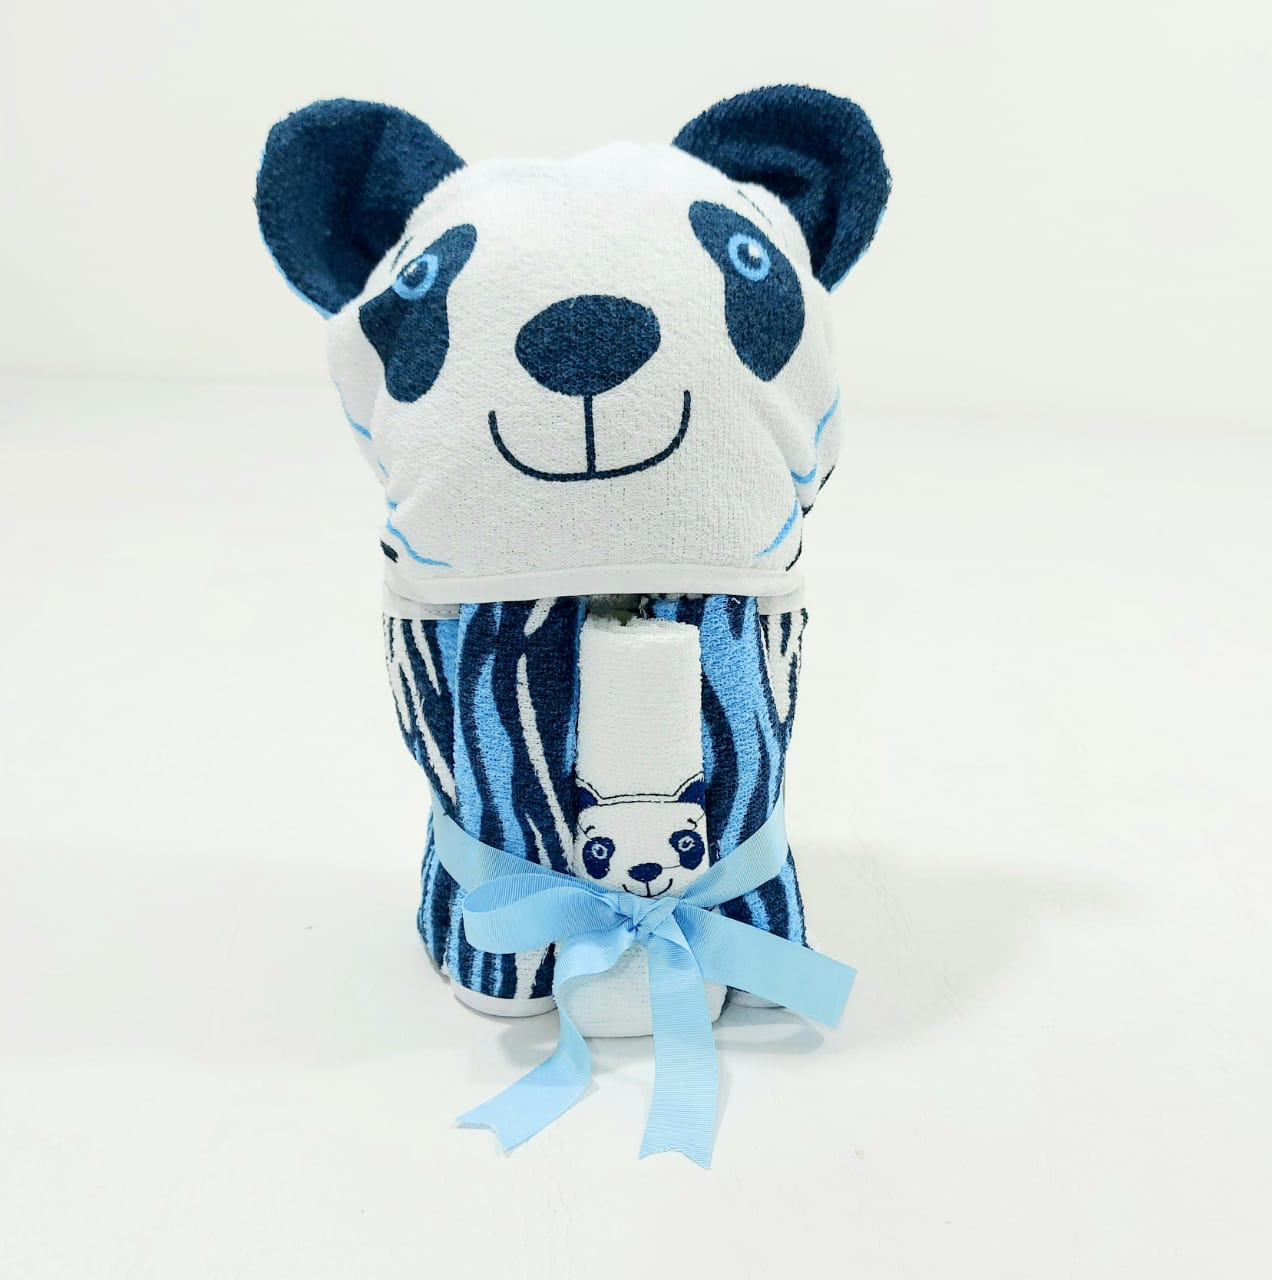 Kit Presente Carinhas Estampadas - 4 Peças - Toalha e Babetes de Felpa- 100% Algodão -  Minasrey